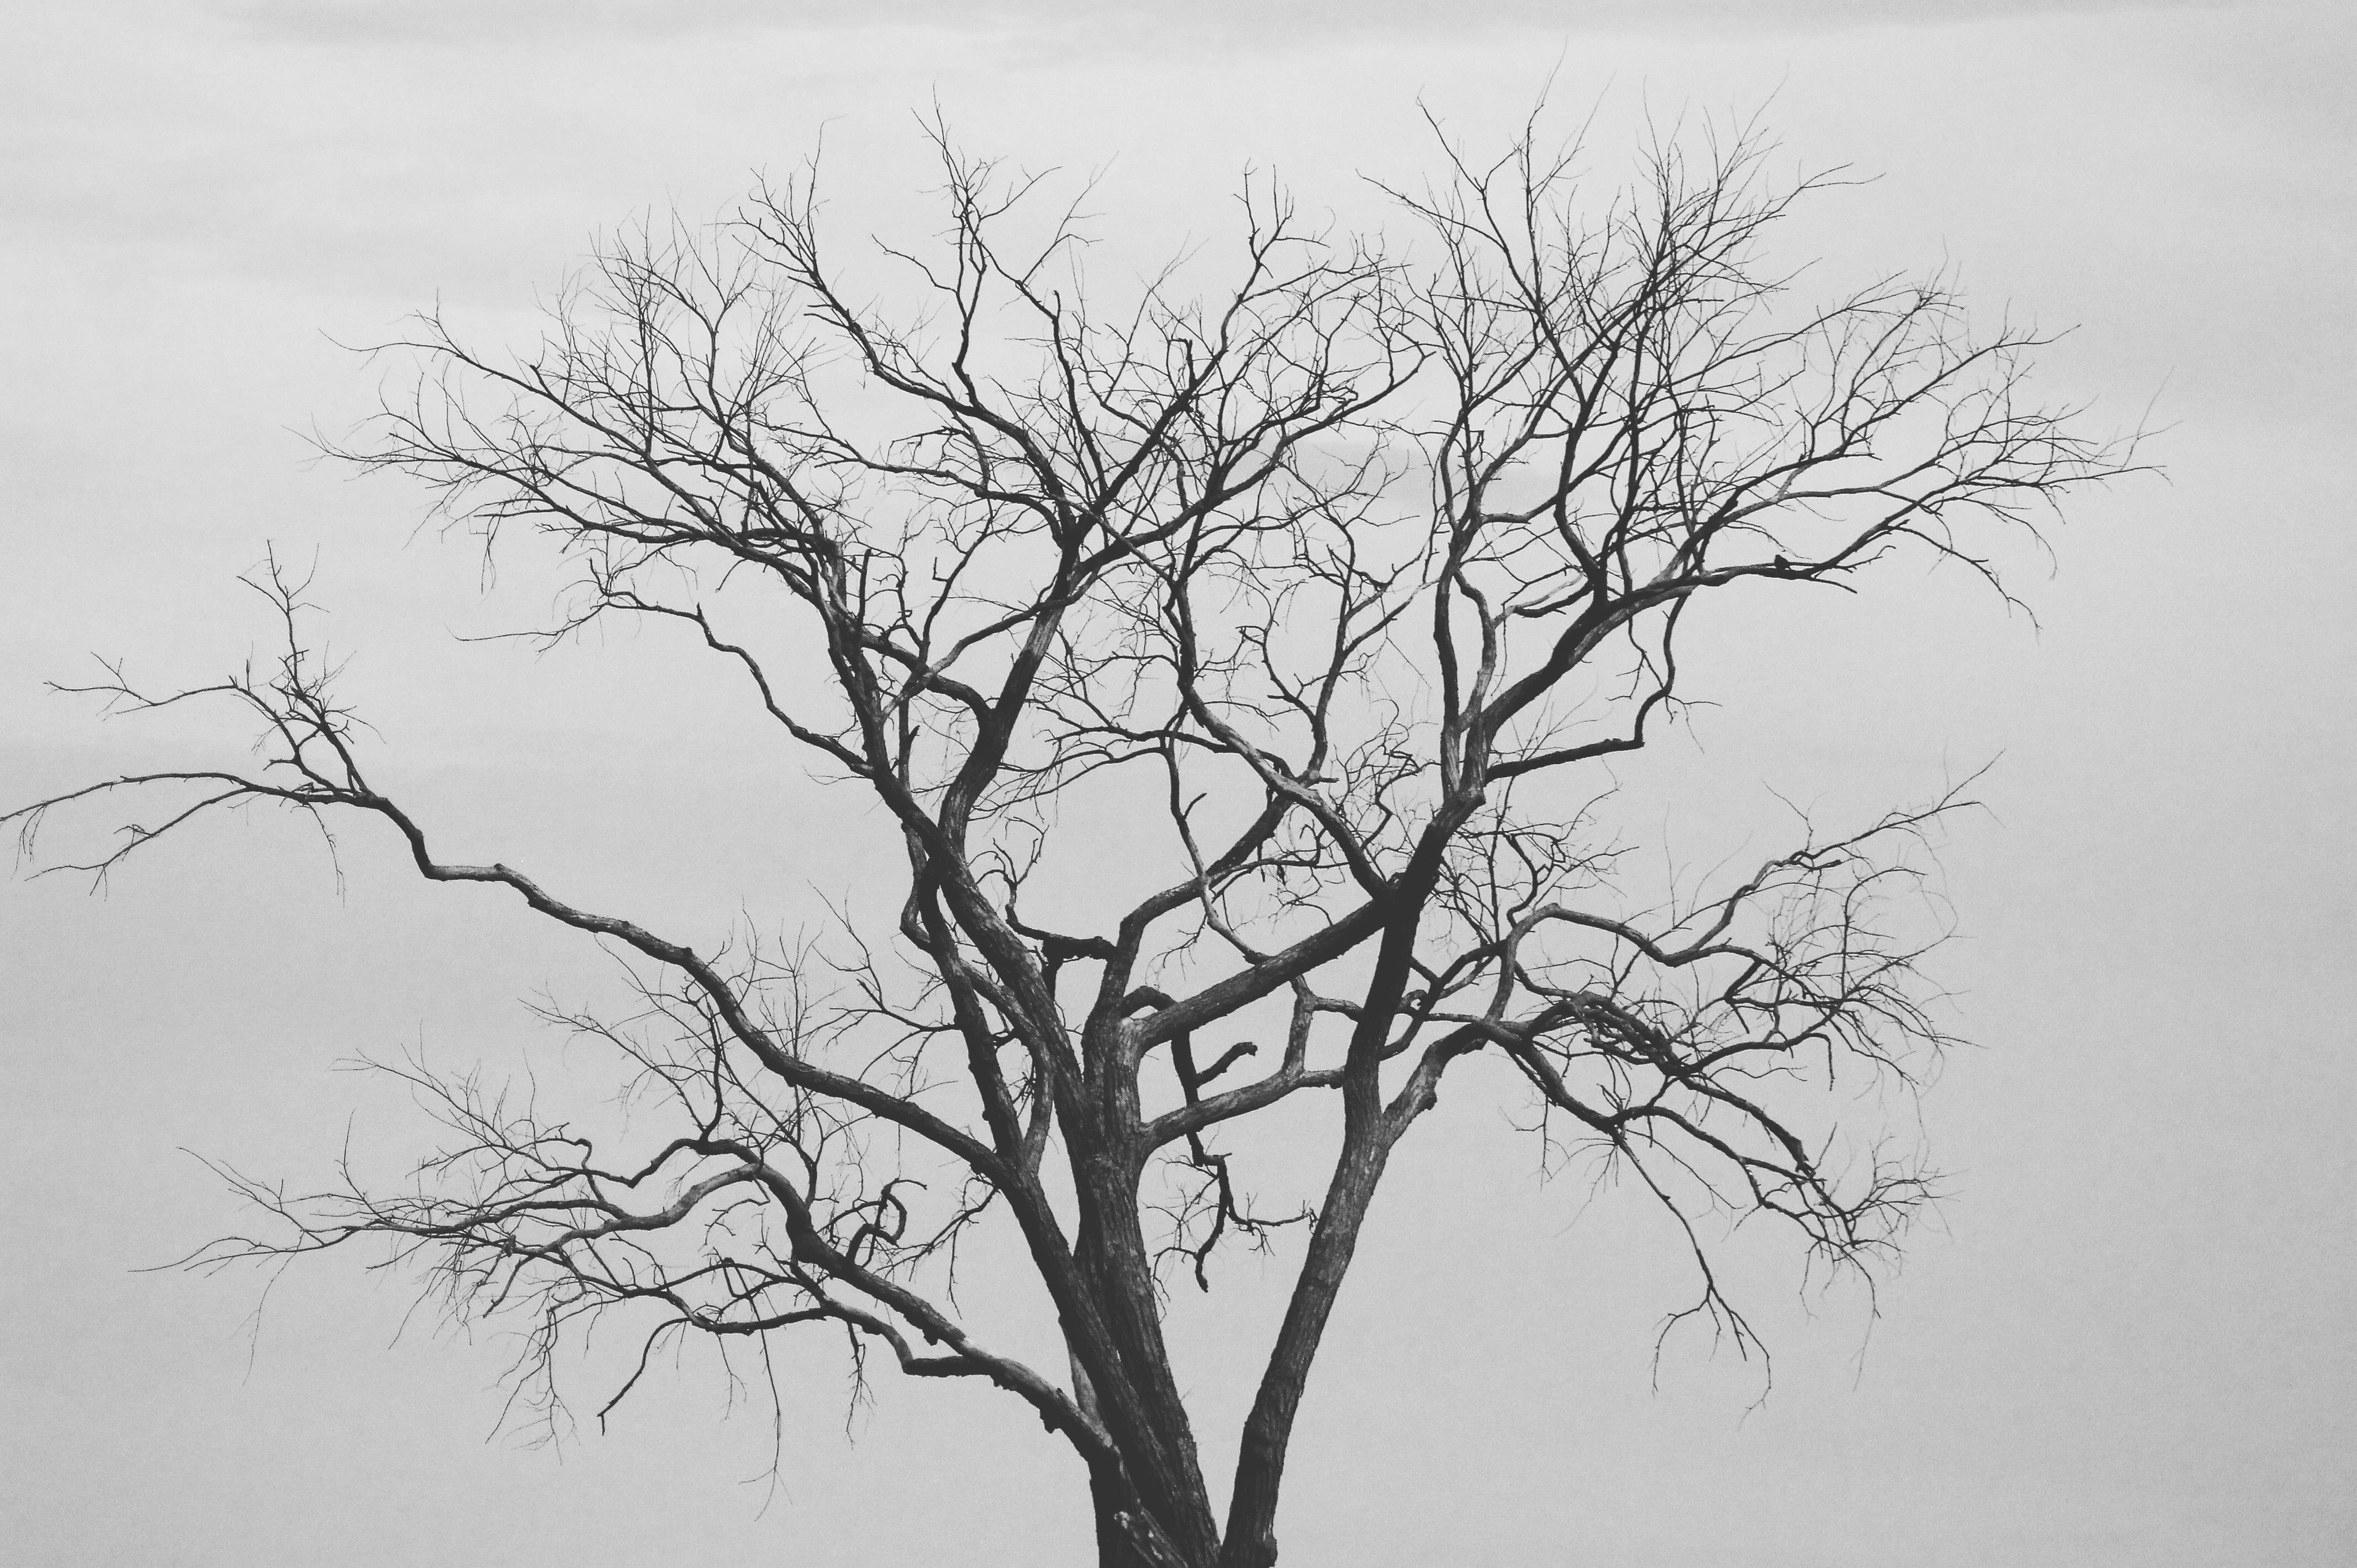 images gratuites arbre branche hiver noir et blanc plante brouillard monochrome. Black Bedroom Furniture Sets. Home Design Ideas